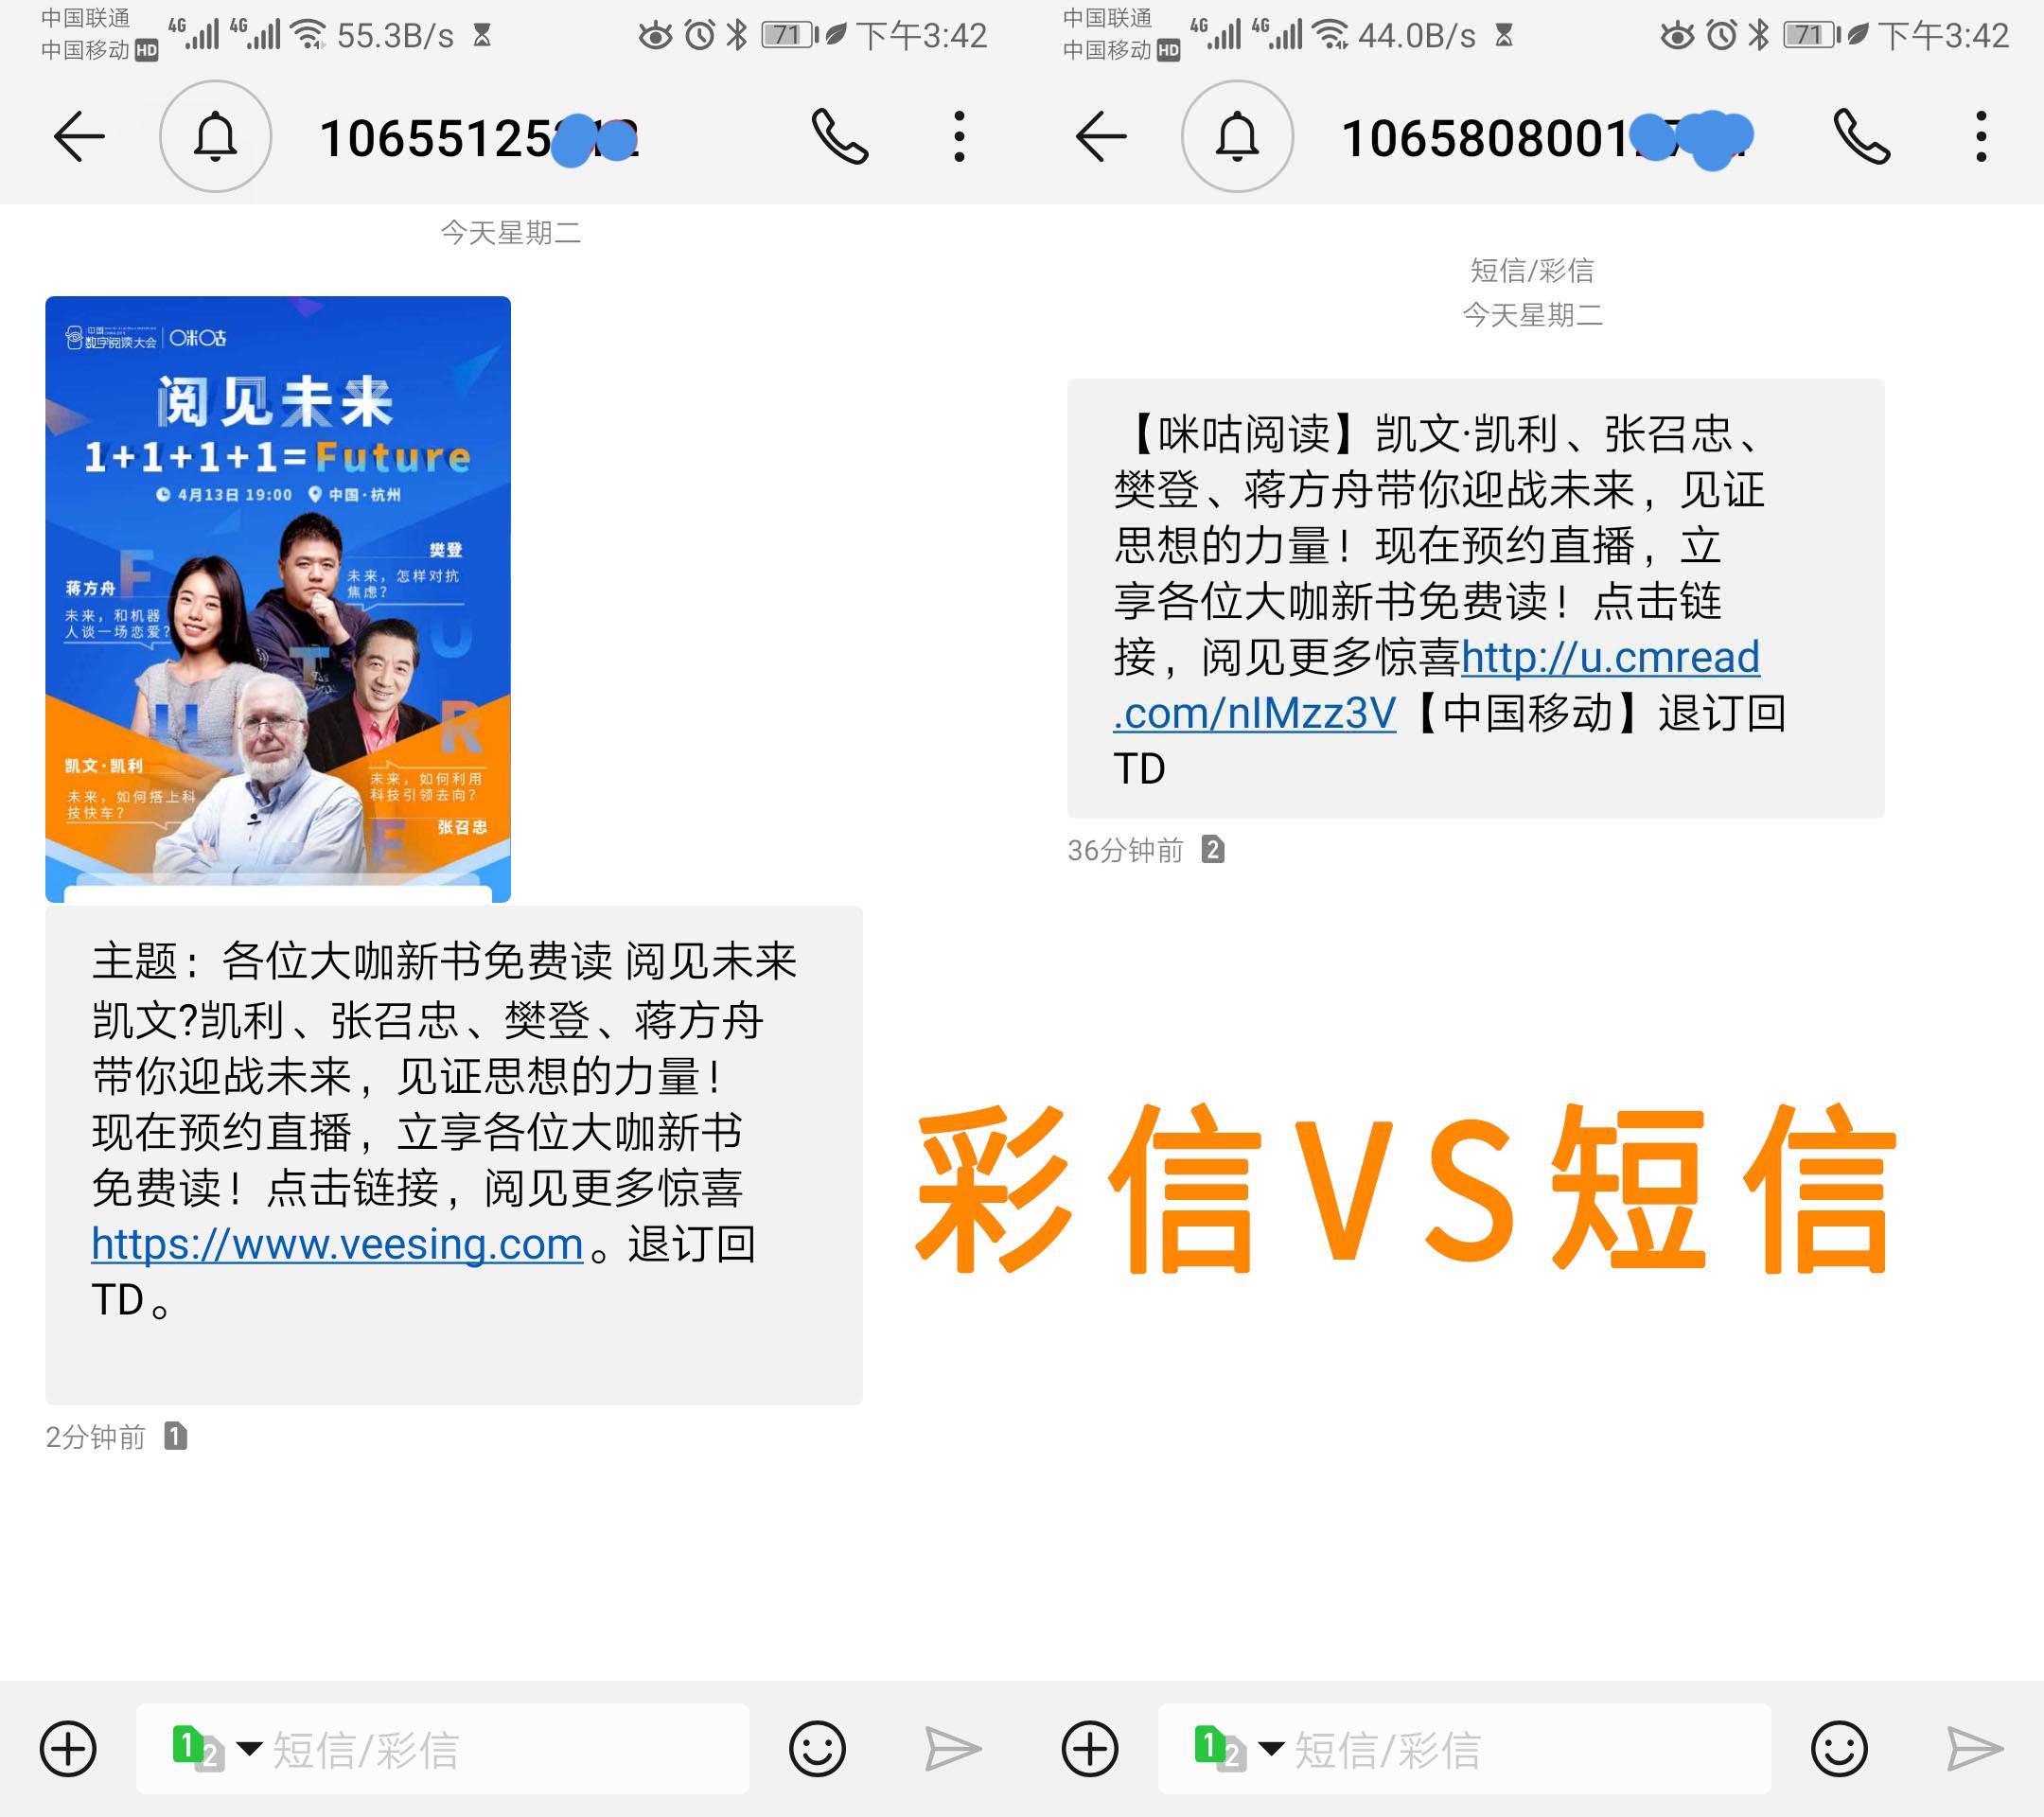 短信和彩信效果对比图.jpg